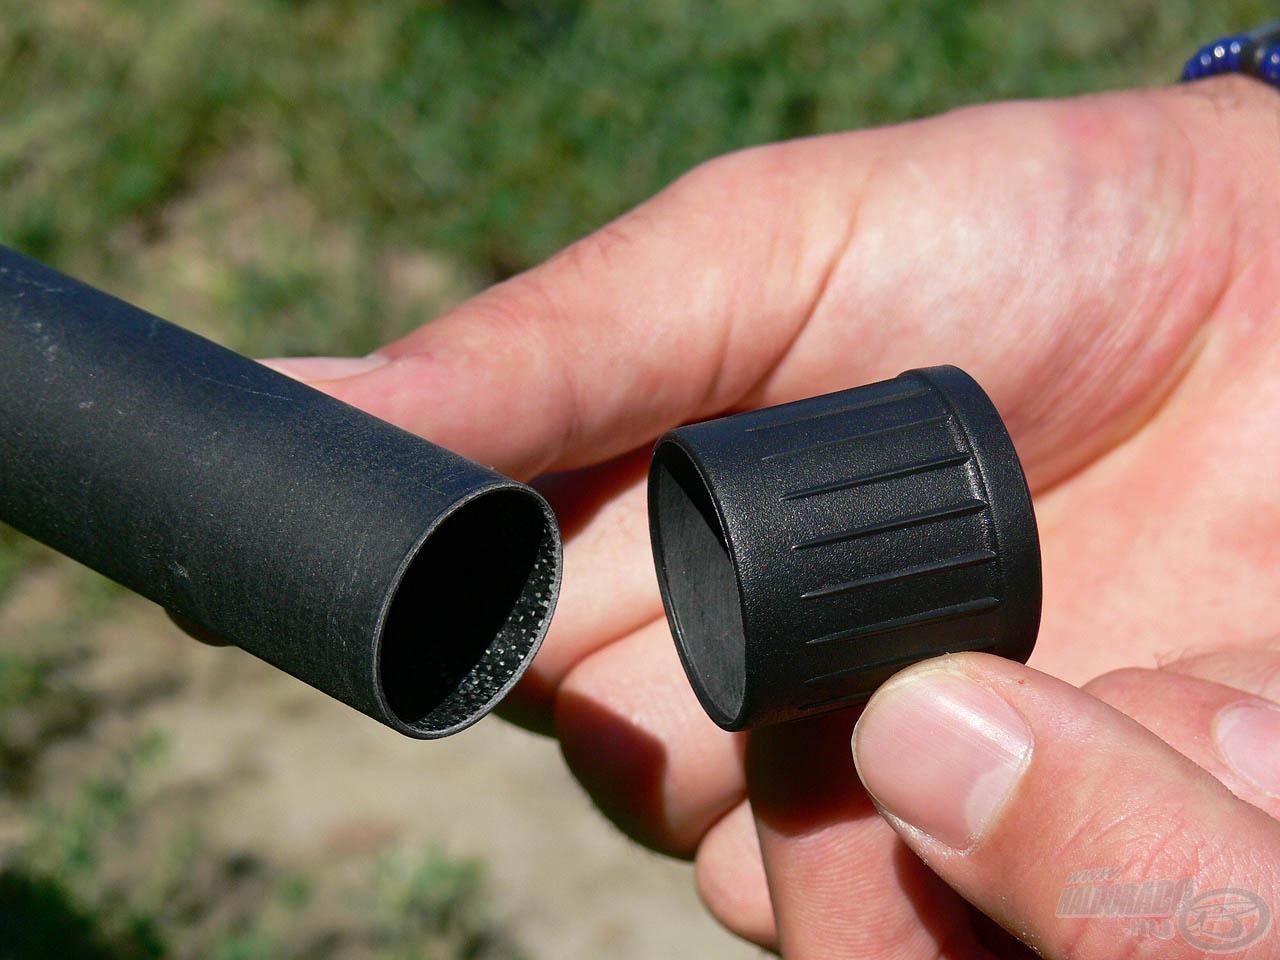 A Master Carp rakós merítőnyélhez 2 db gumi gyorskupak tartozik, melyek pillanatok alatt levehetők és felhelyezhetők, így meggyorsítják a nyél összerakását, szétszedését